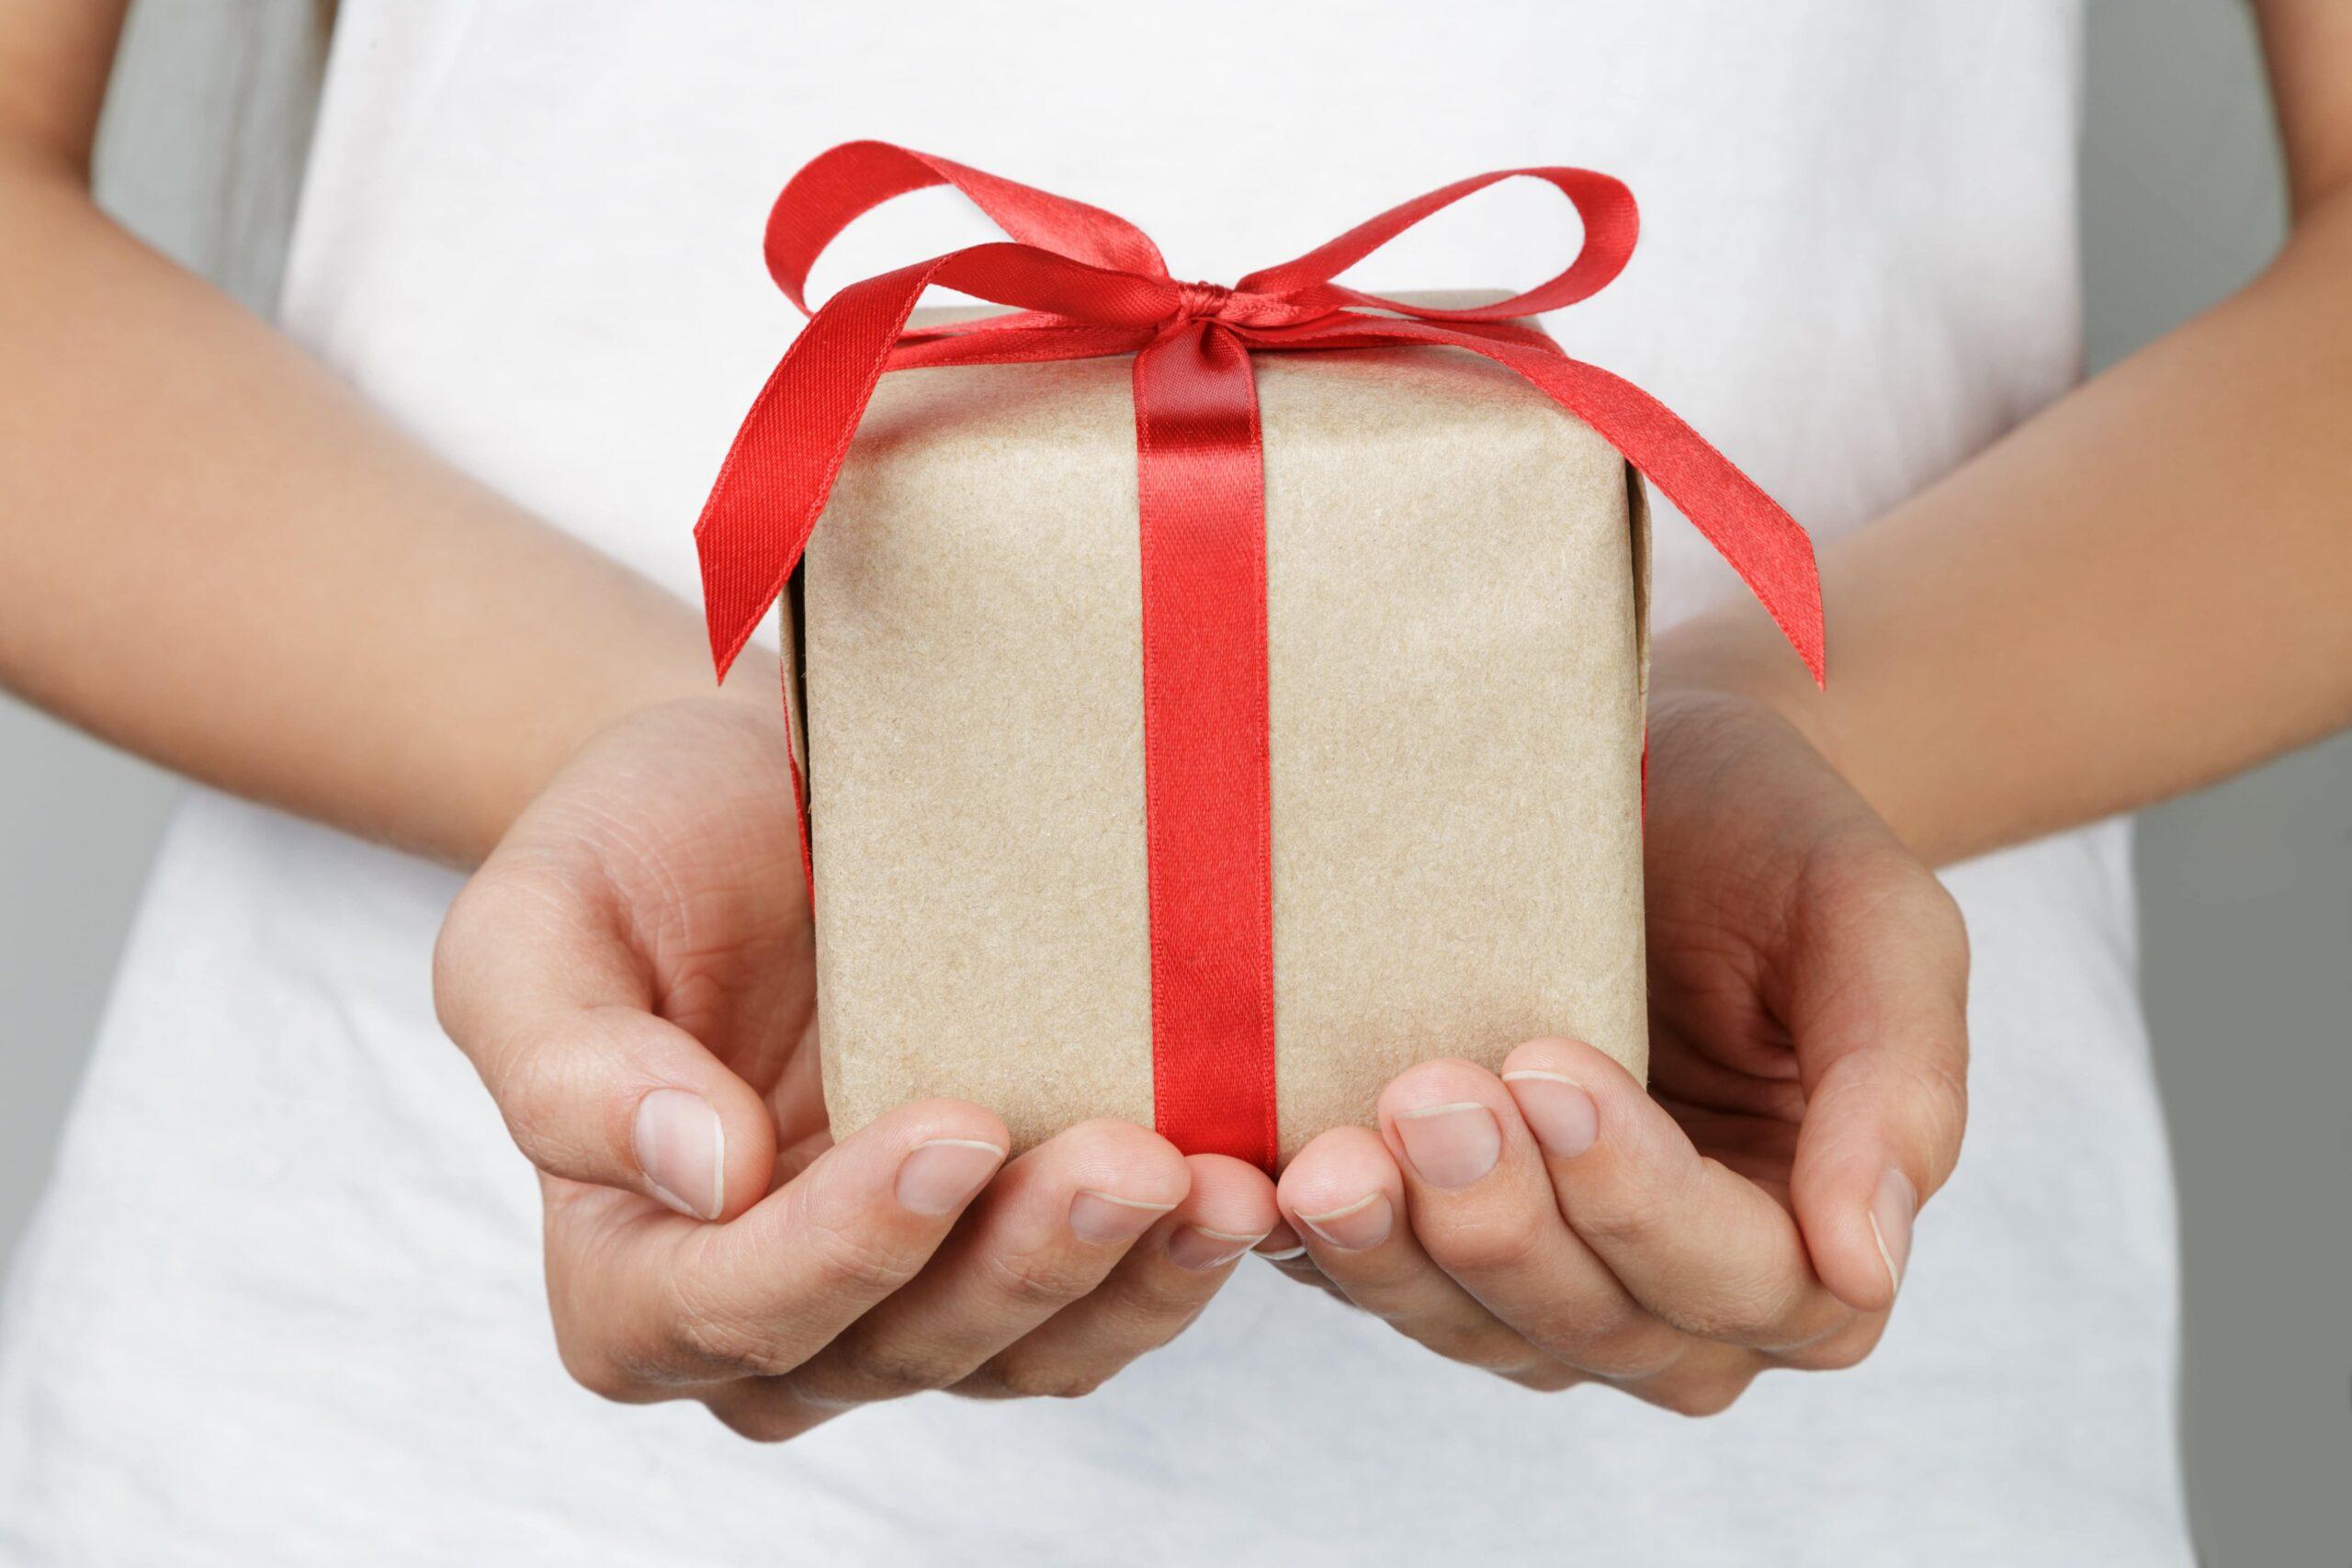 Wir wünschen allen unseren Mitgliedern Frohe Weihnachten und einen guten Rutsch ins neue Jahr 2021!